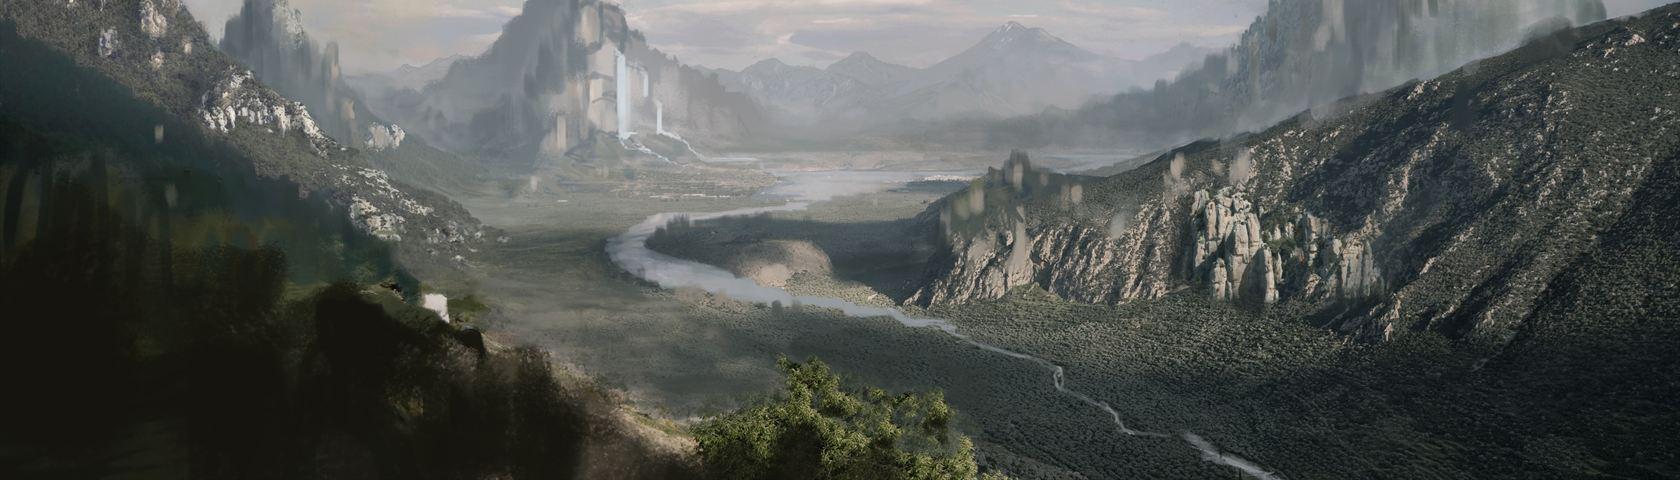 River Through a Valley